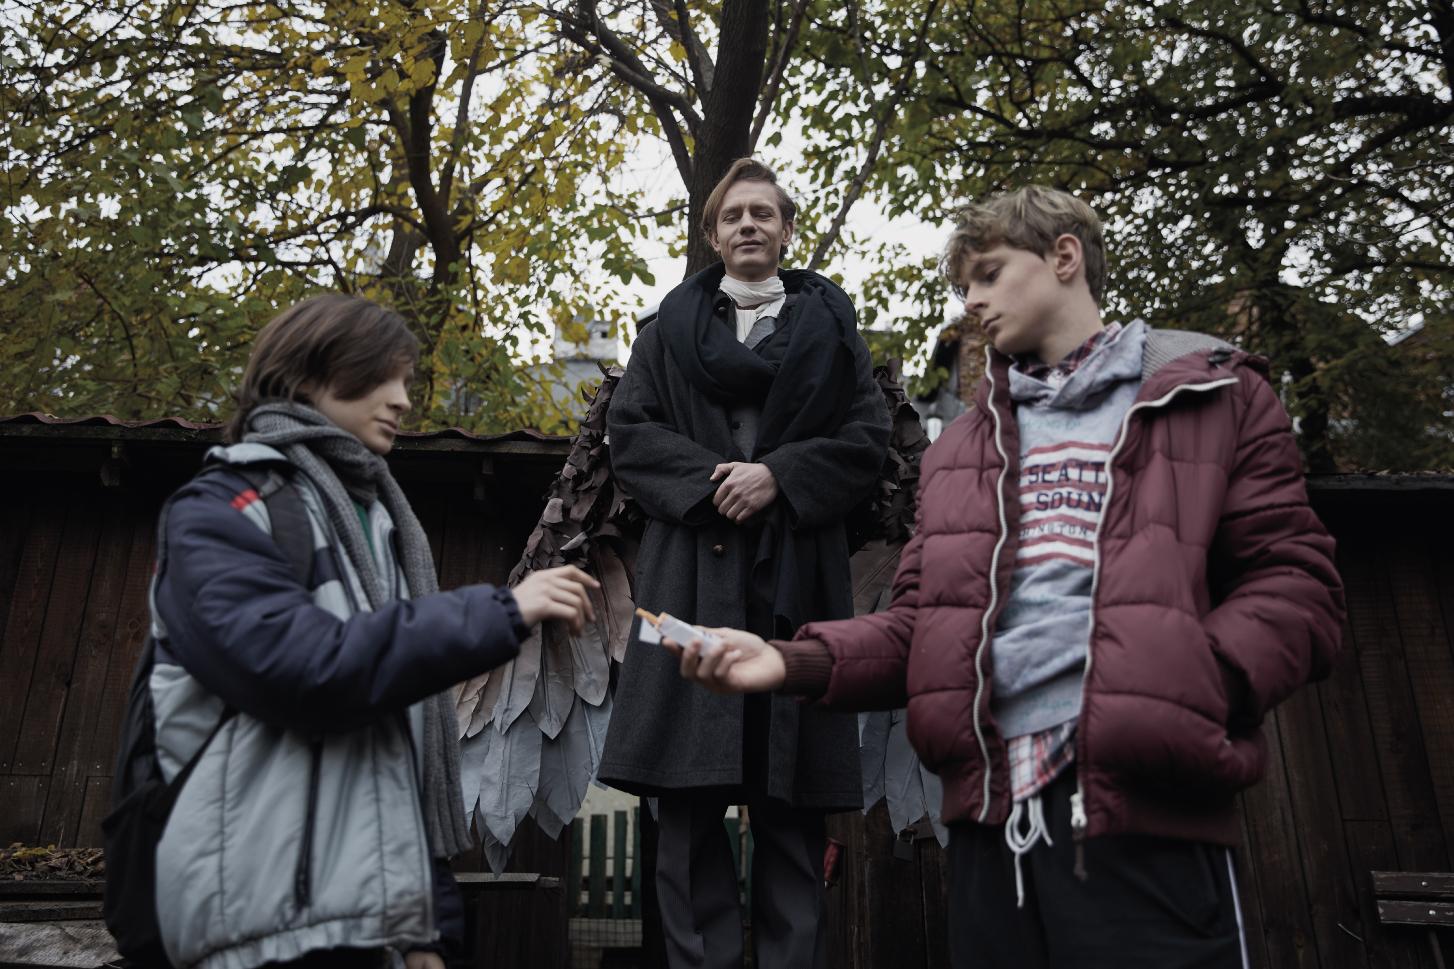 Moc Aniolow ma swoje granice pomoz dzieciom Dom Aniolow Strozow przekaz darowizne